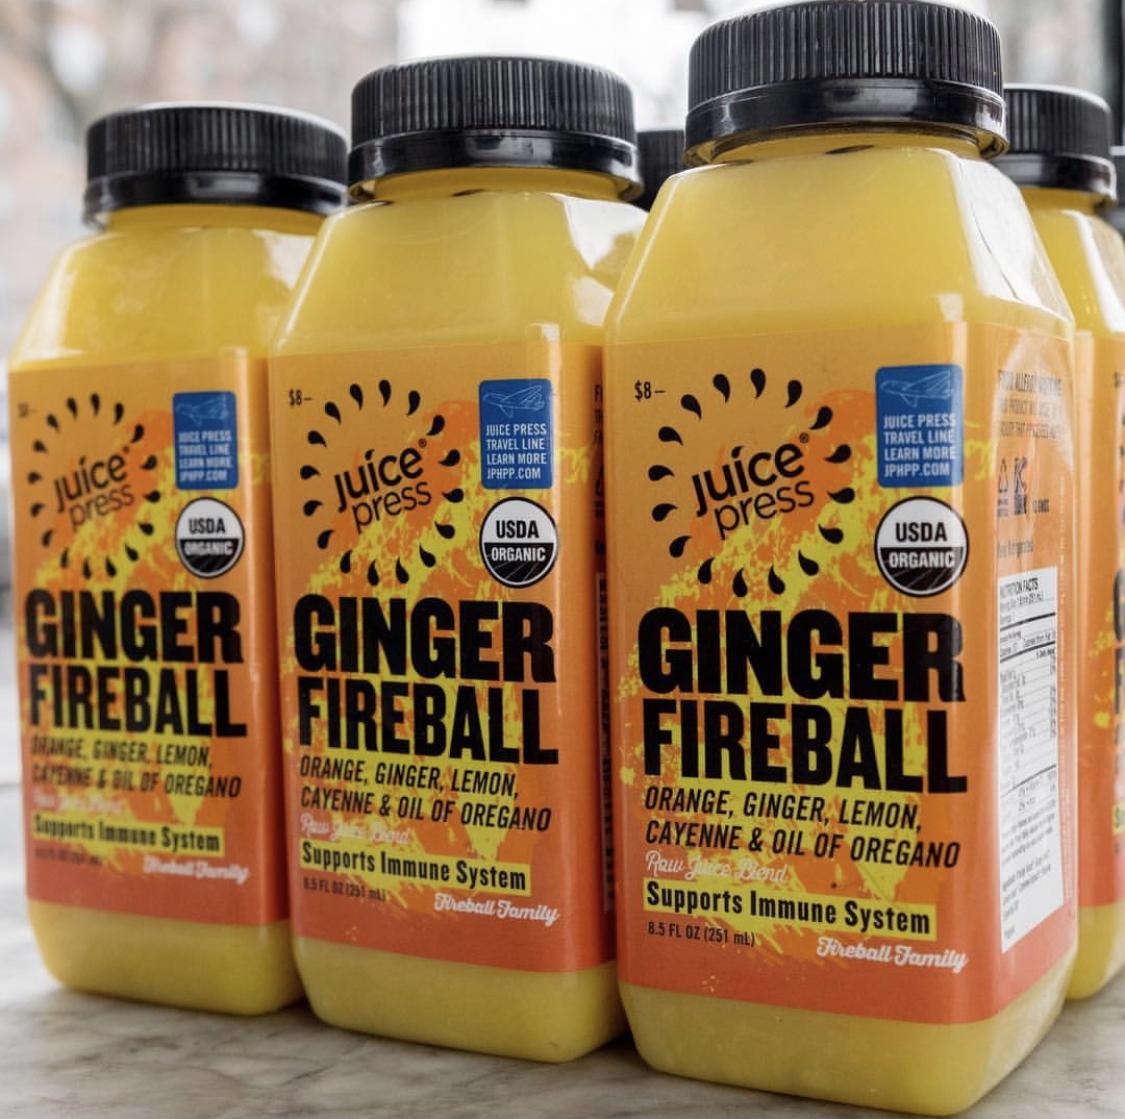 Ginger Fireball